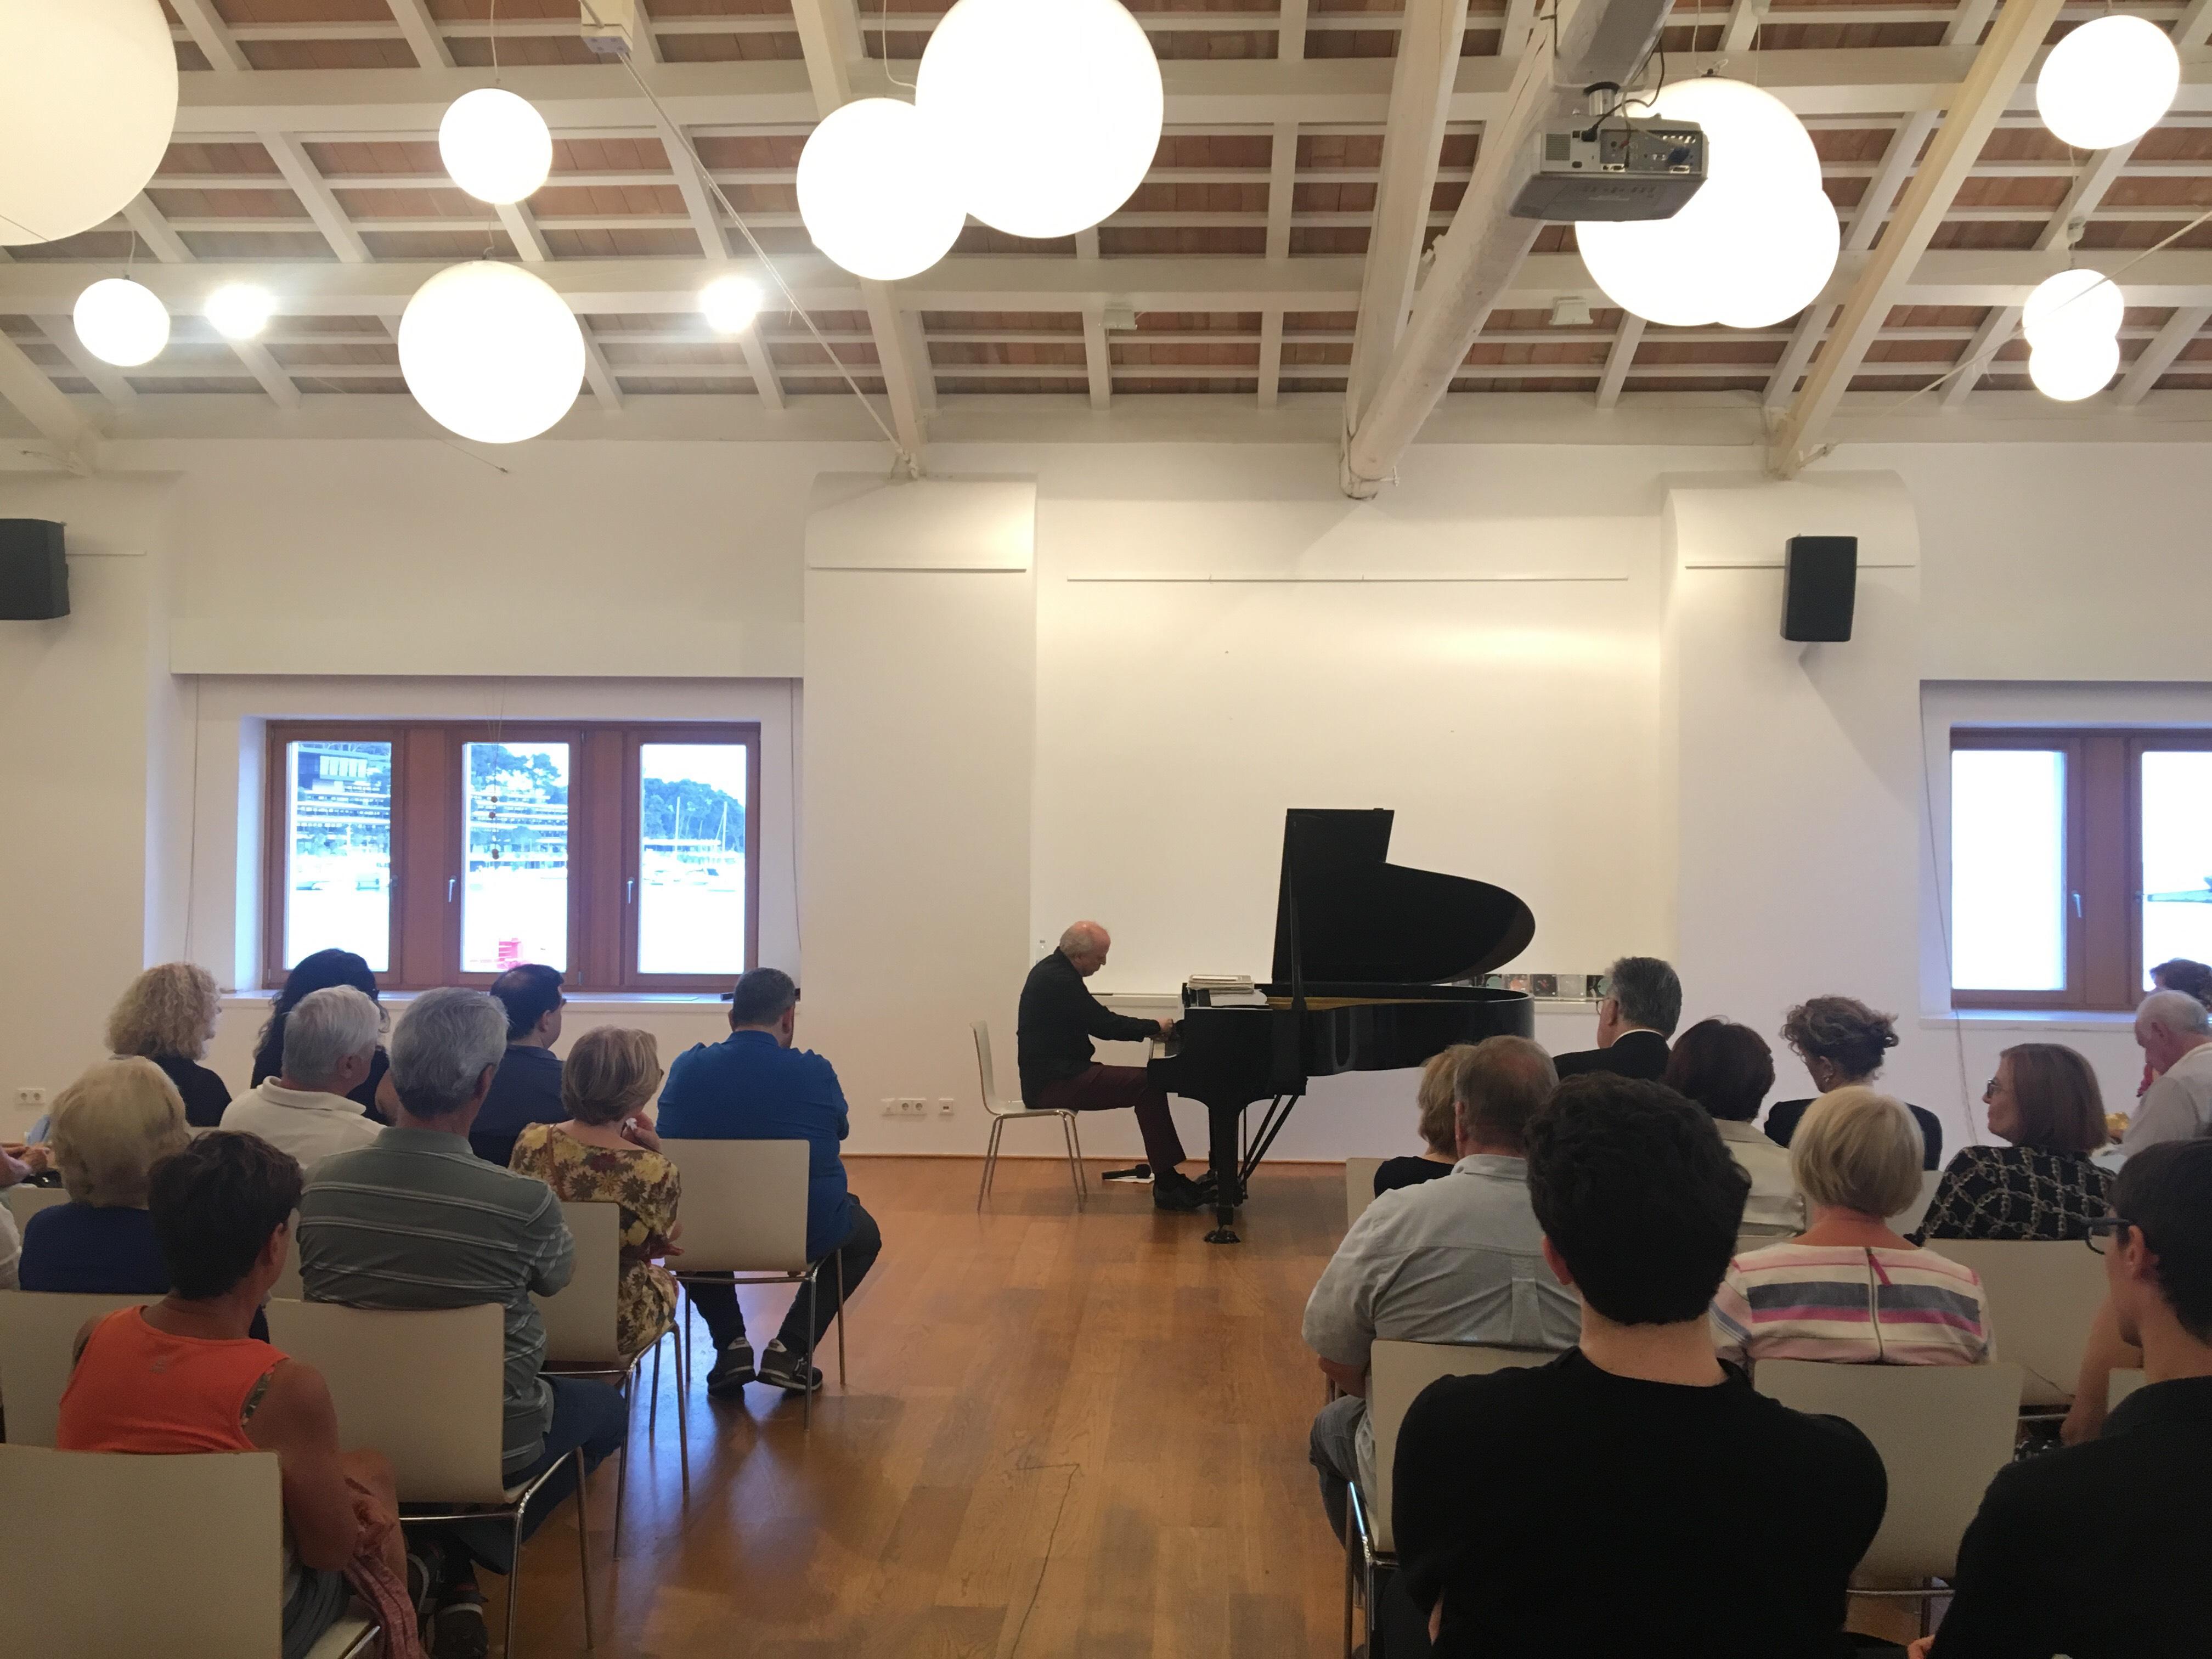 Conferenza-concerto del pianista Giovanni Bellucci